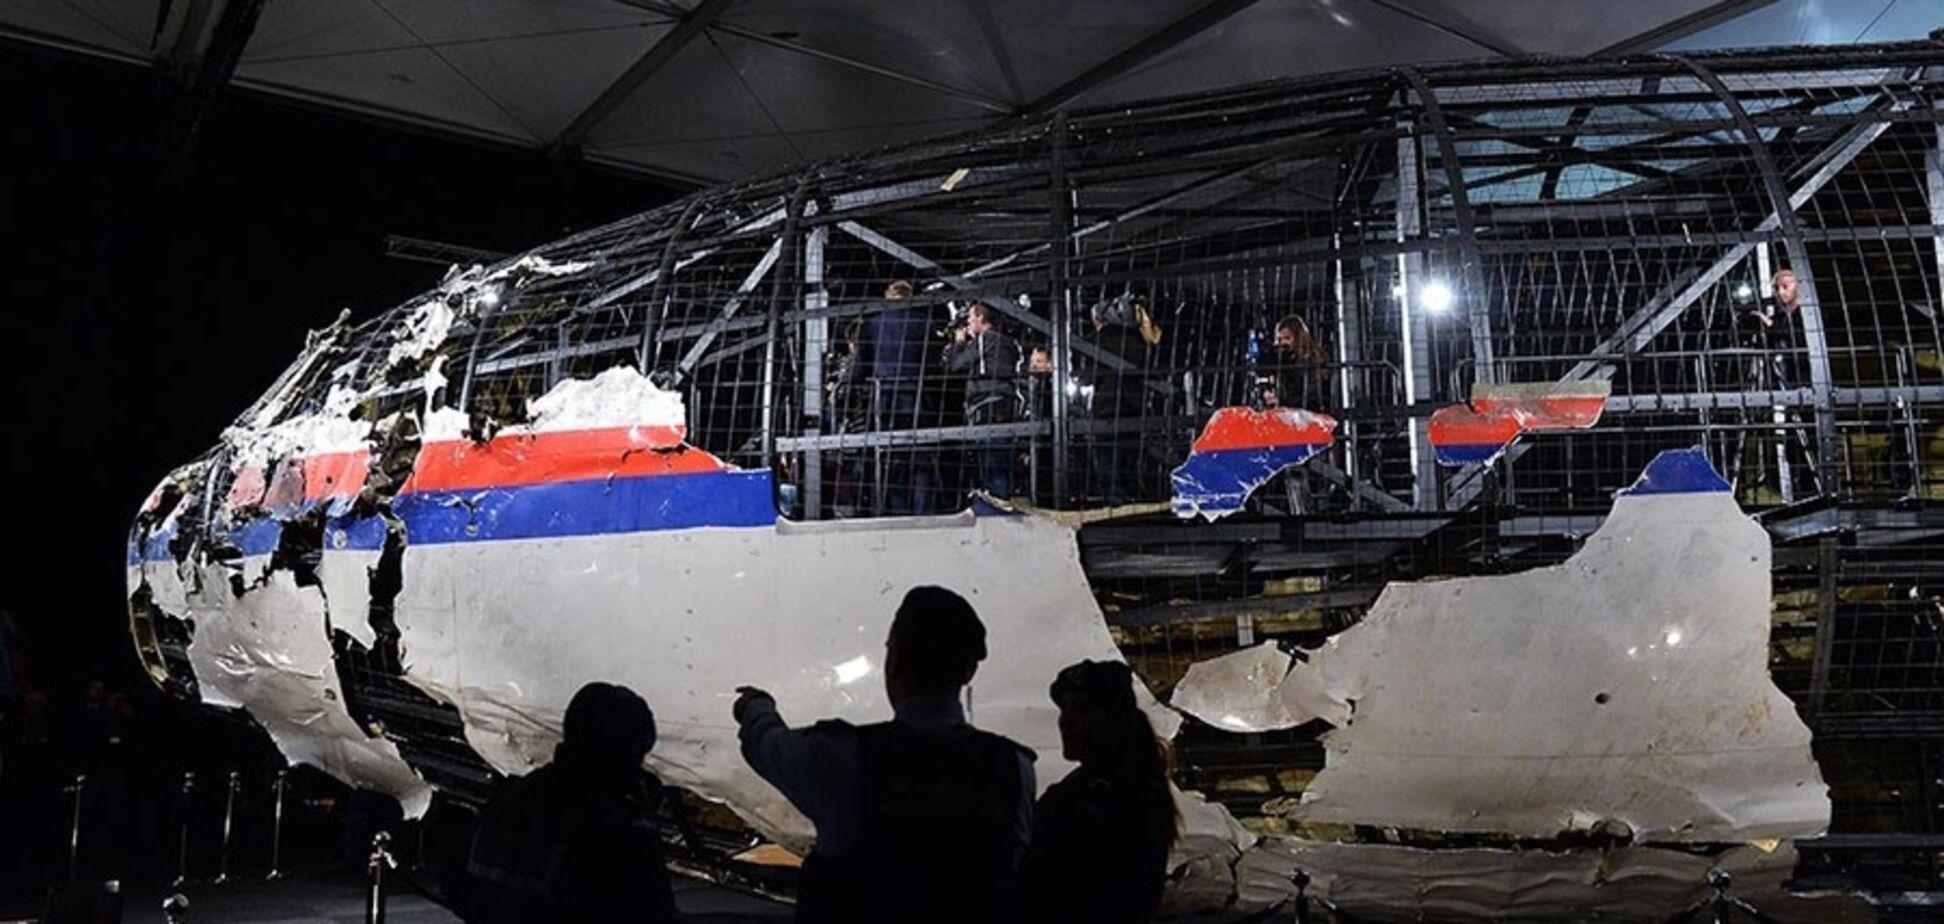 Катастрофа MH17 на Донбассе: Россия запаниковала из-за масштабного разоблачения